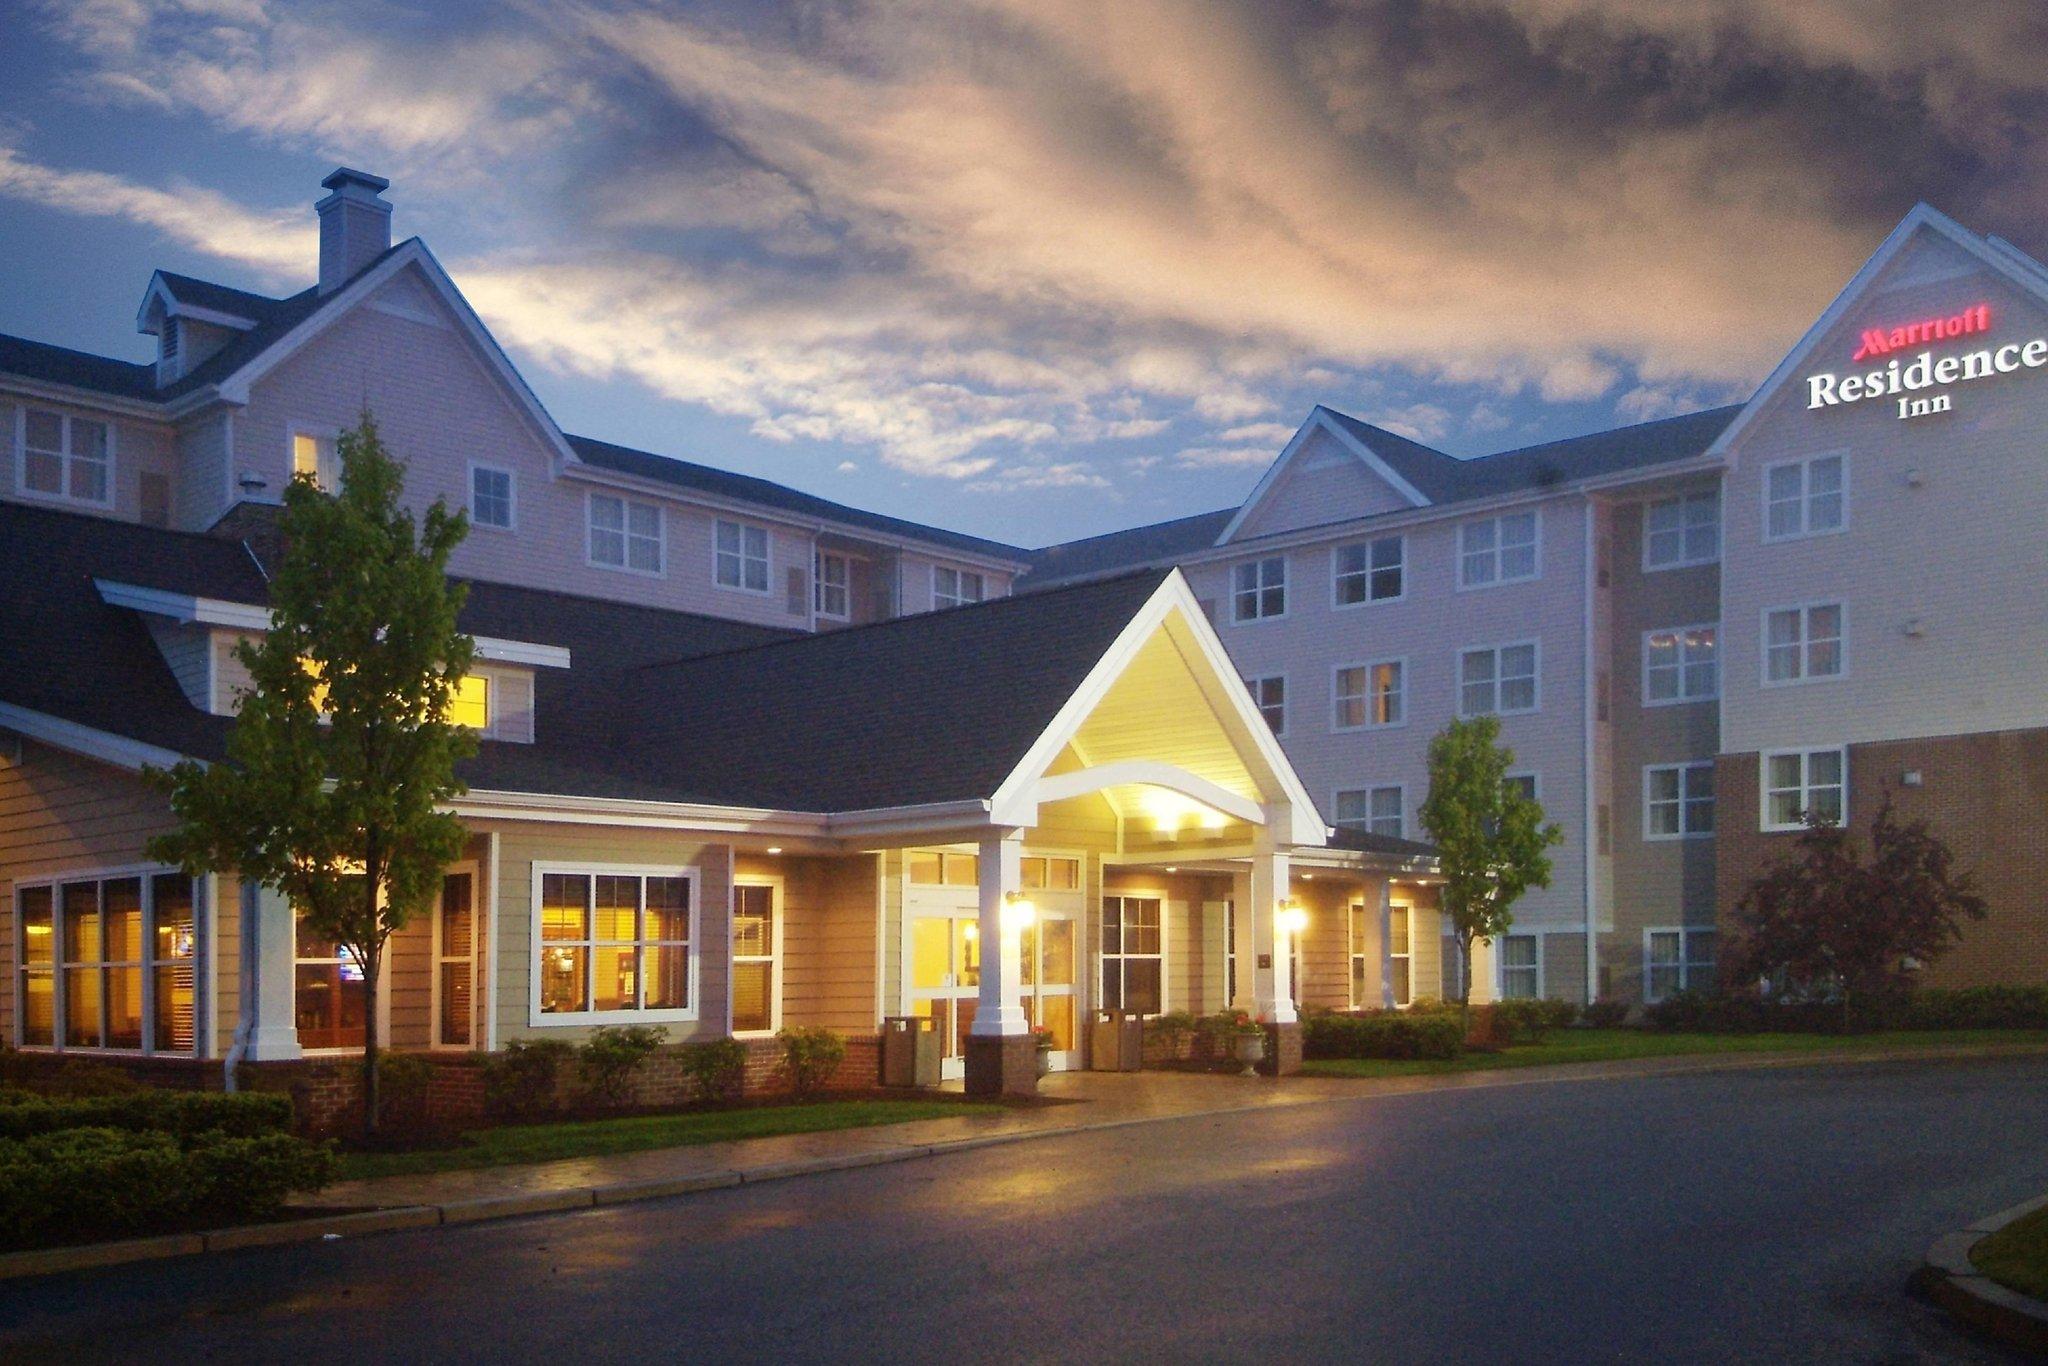 Residence Inn by Marriott Coventry